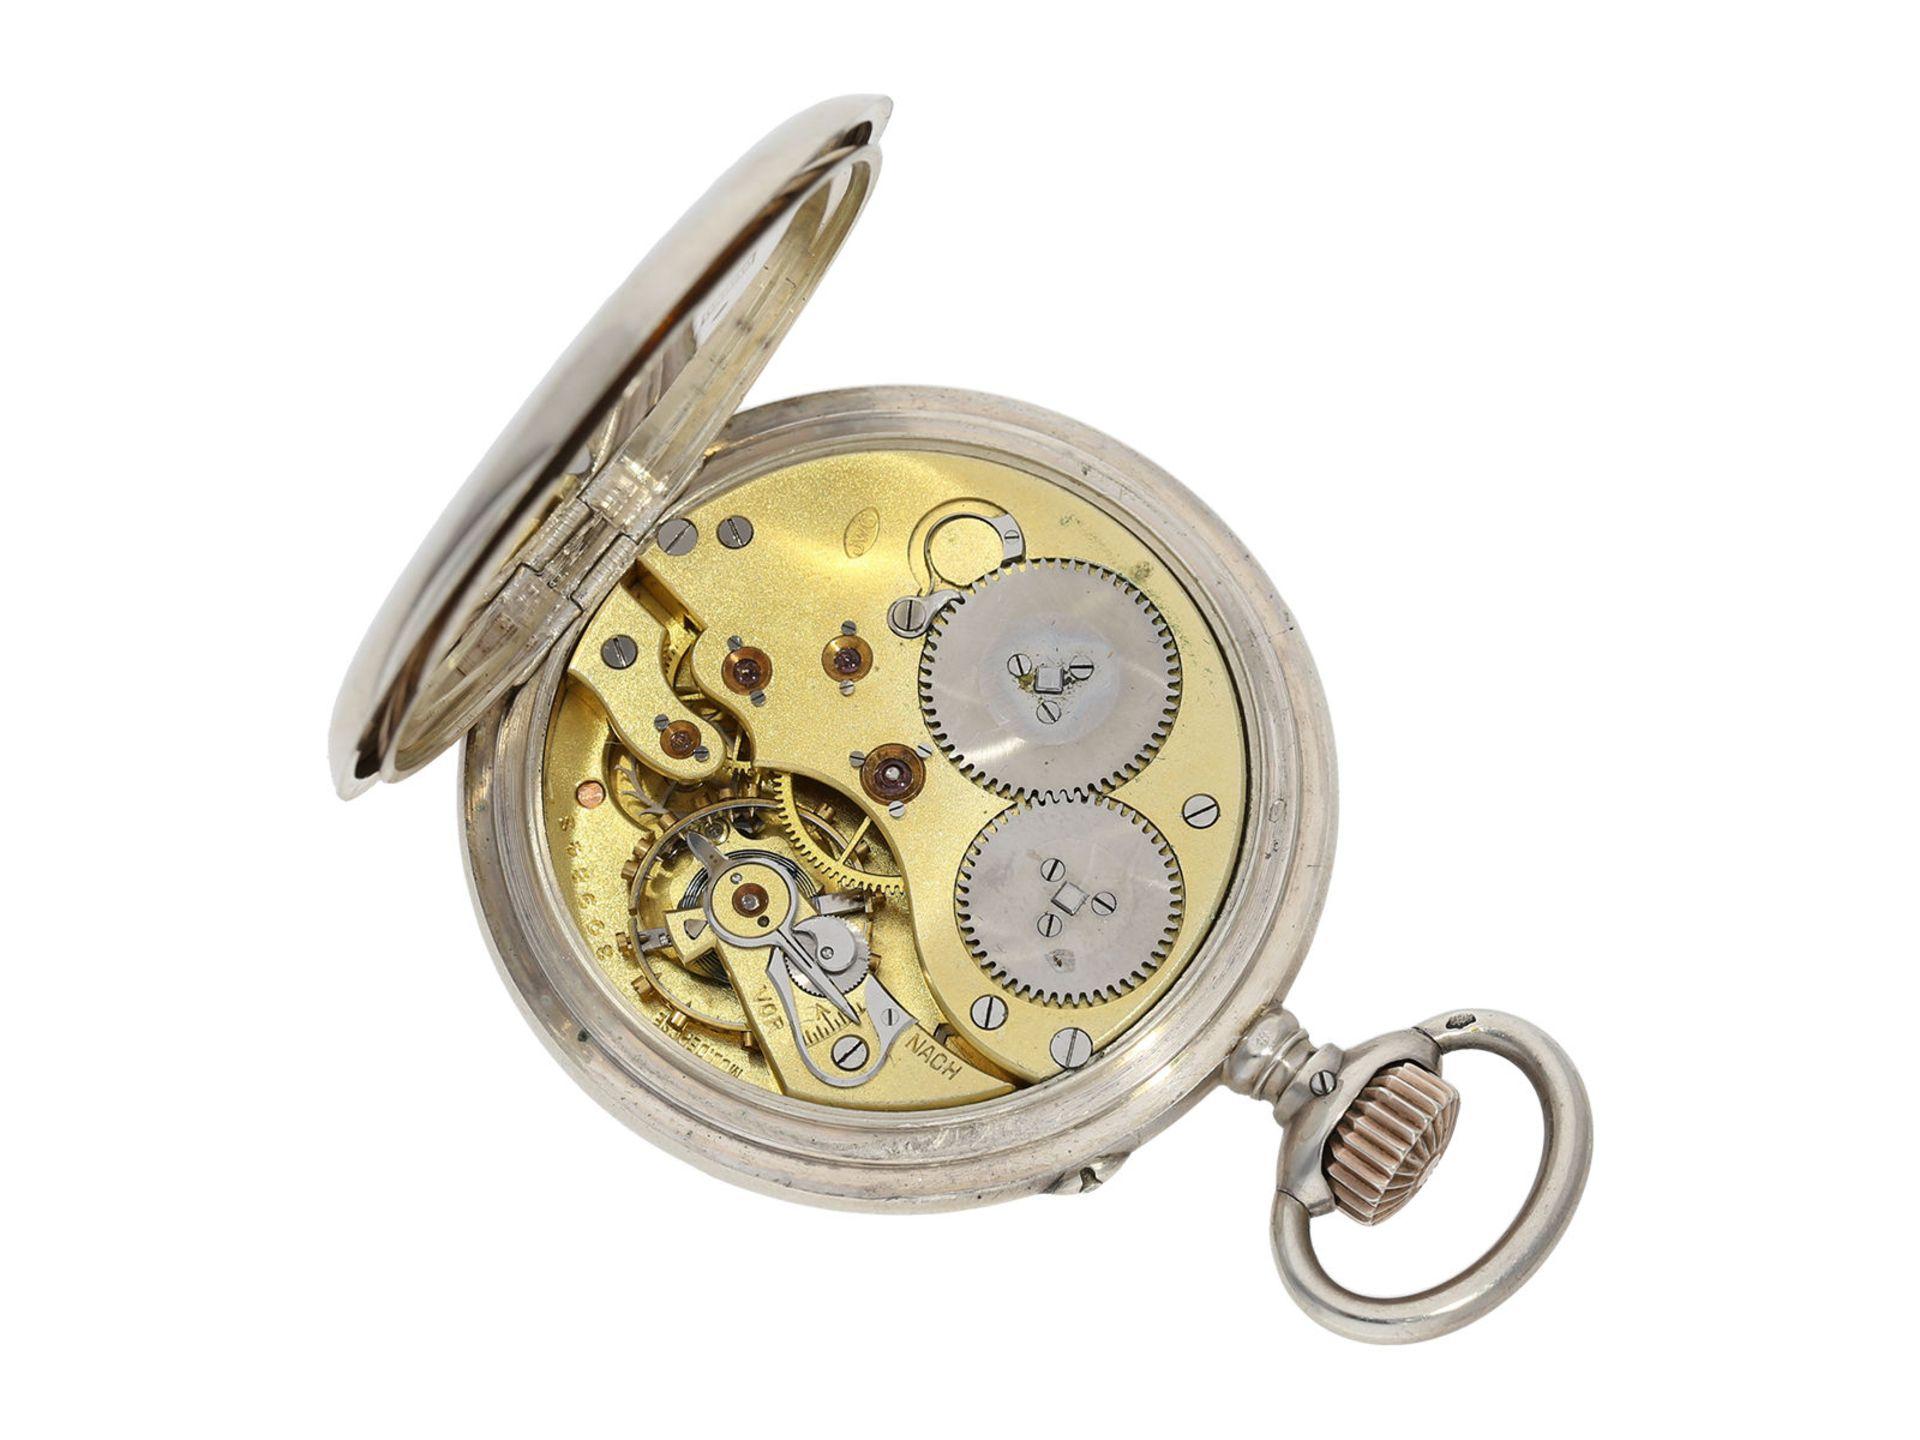 Pocket watch: IWC man's pocket watch with very rare 2-coloured dial, No.309843, Schaffhausen ca. - Bild 2 aus 6